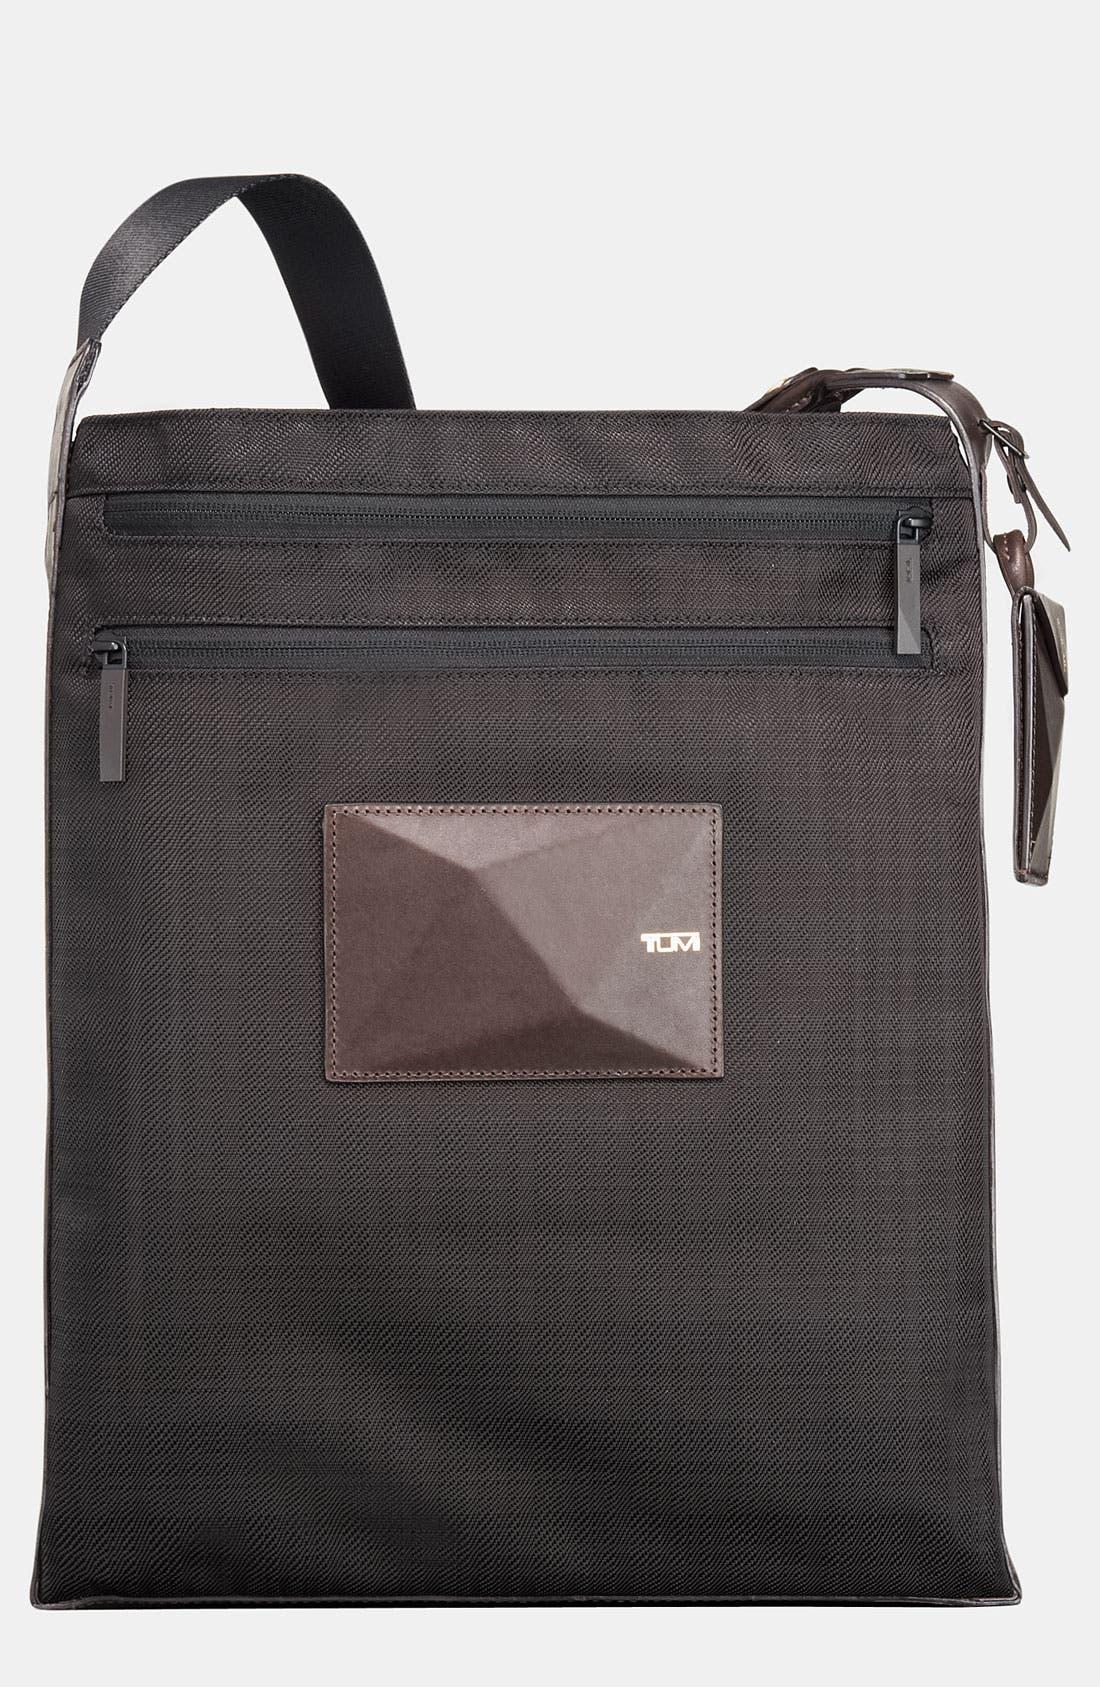 Main Image - Tumi 'Dror' Large Crossbody Bag